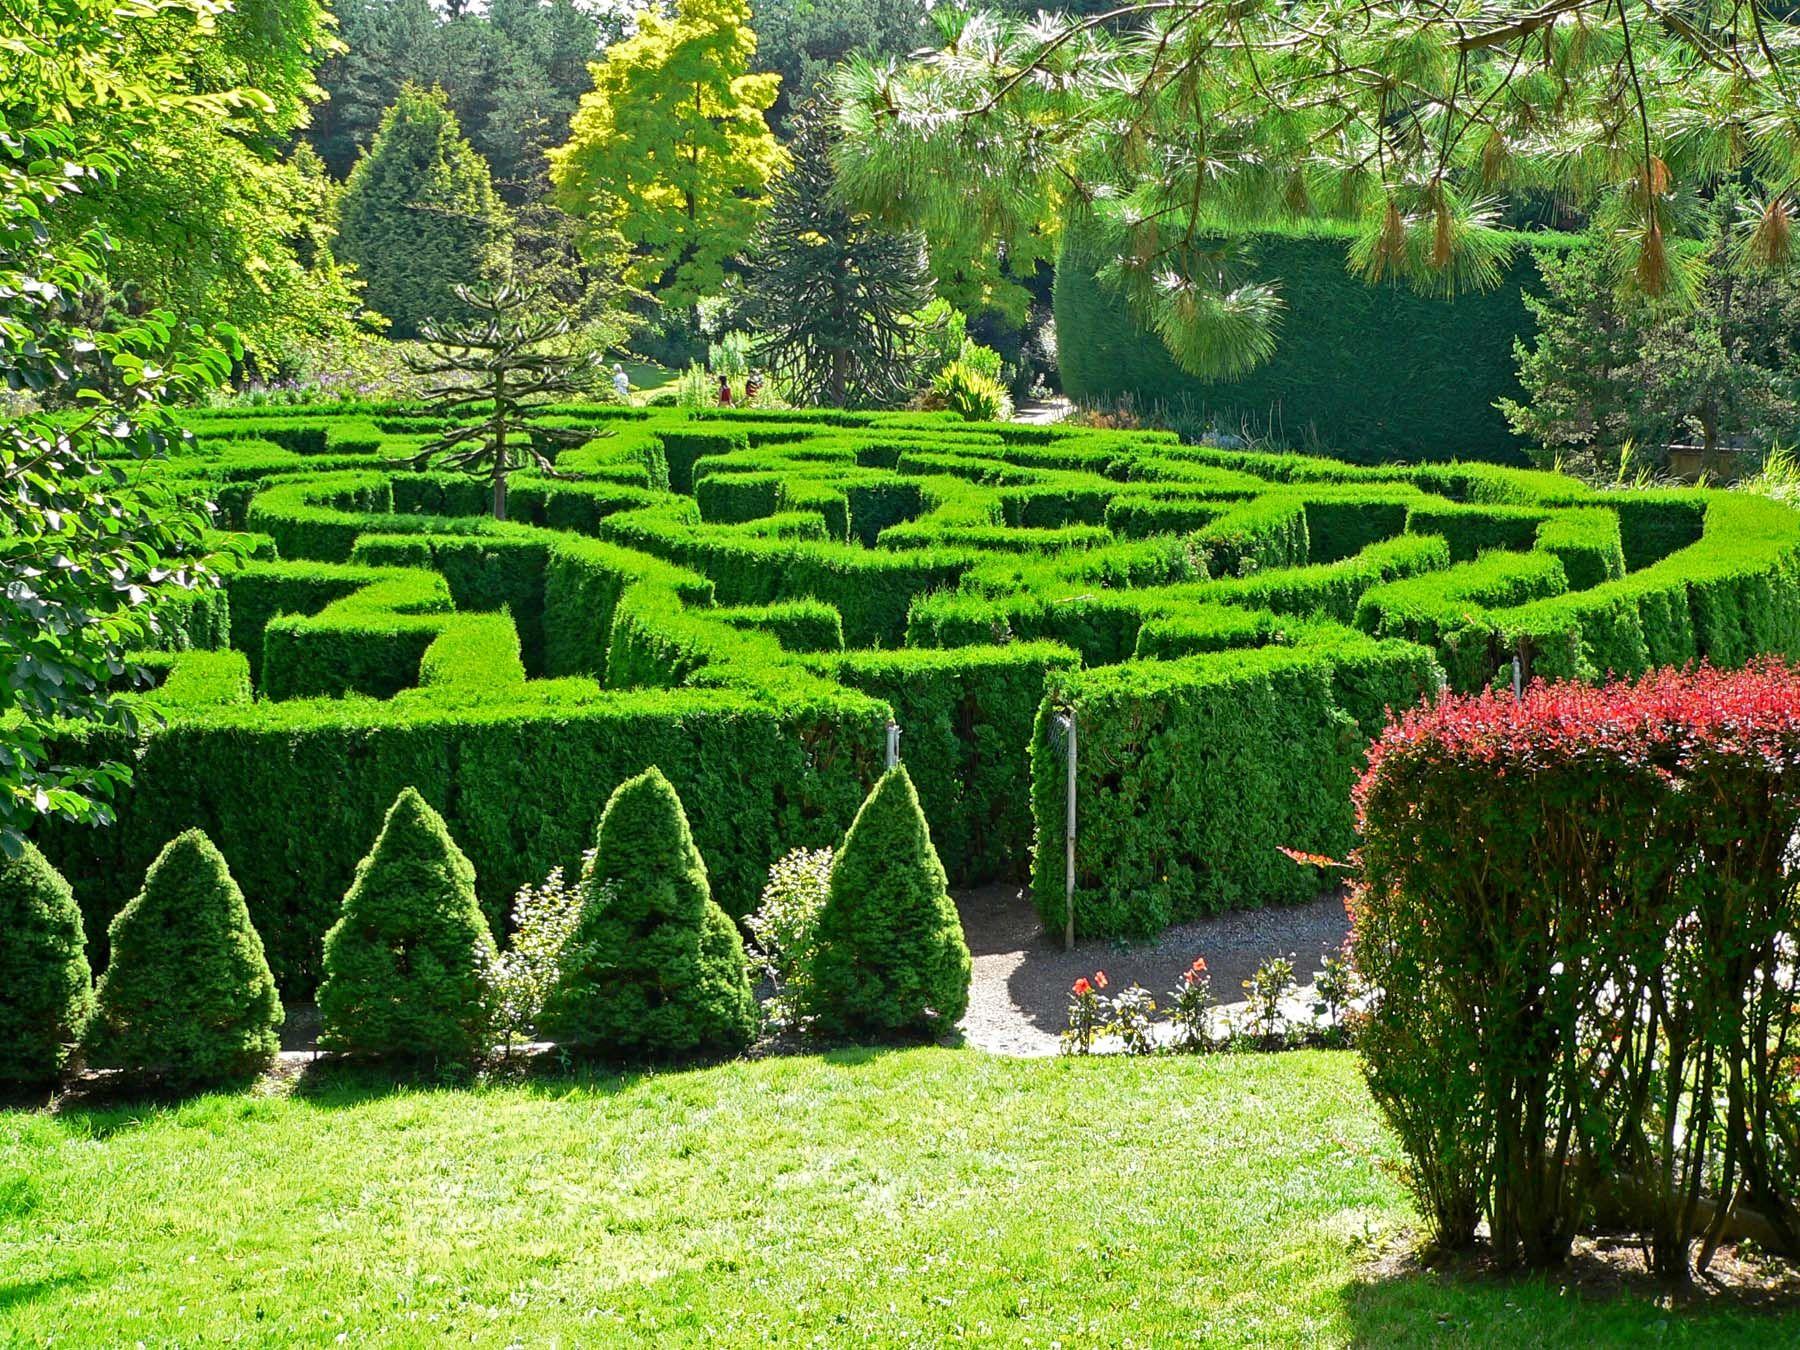 ed554fccf772fda74ed604eb721bd761 - Places To Eat Near Van Dusen Gardens